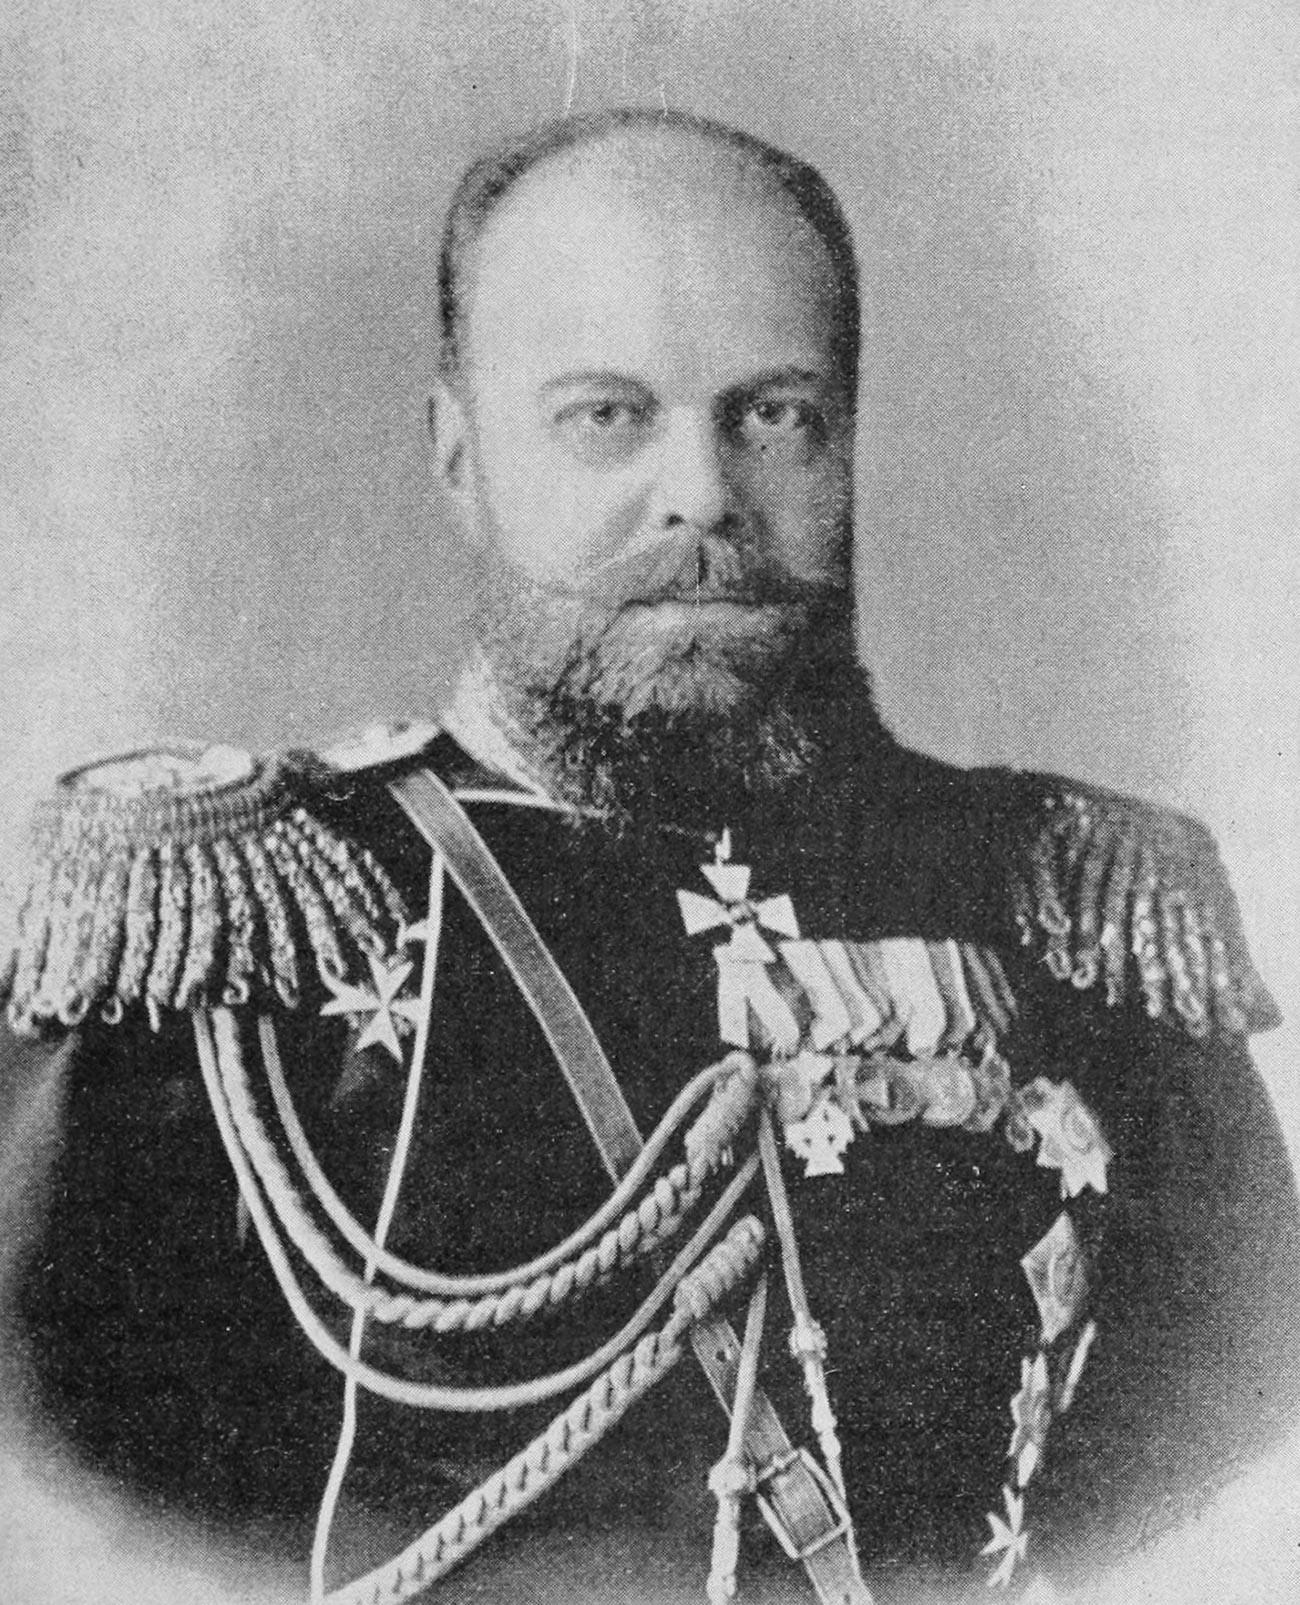 Der Zar von Russland (Alexander III).